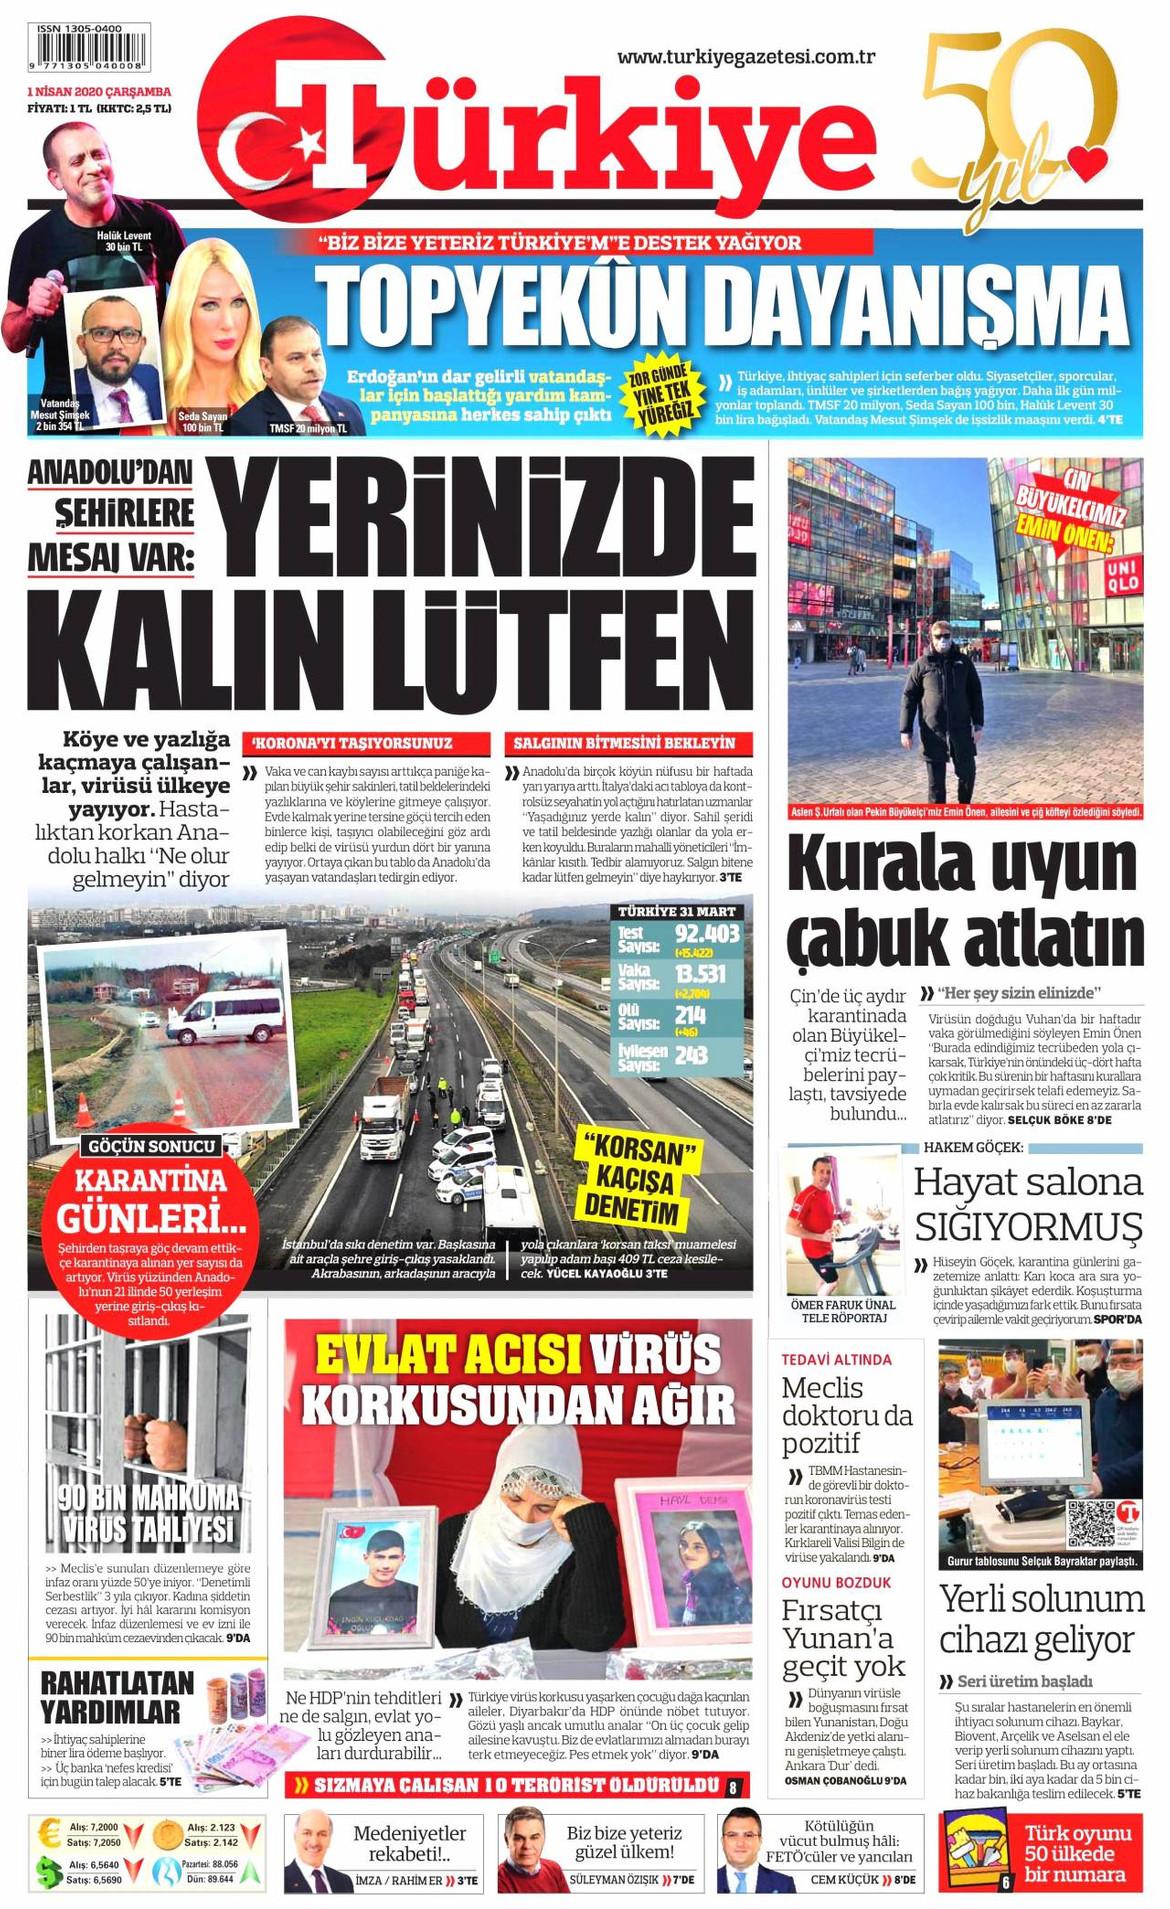 Türkiye gazetesi manşet ilk sayfa oku